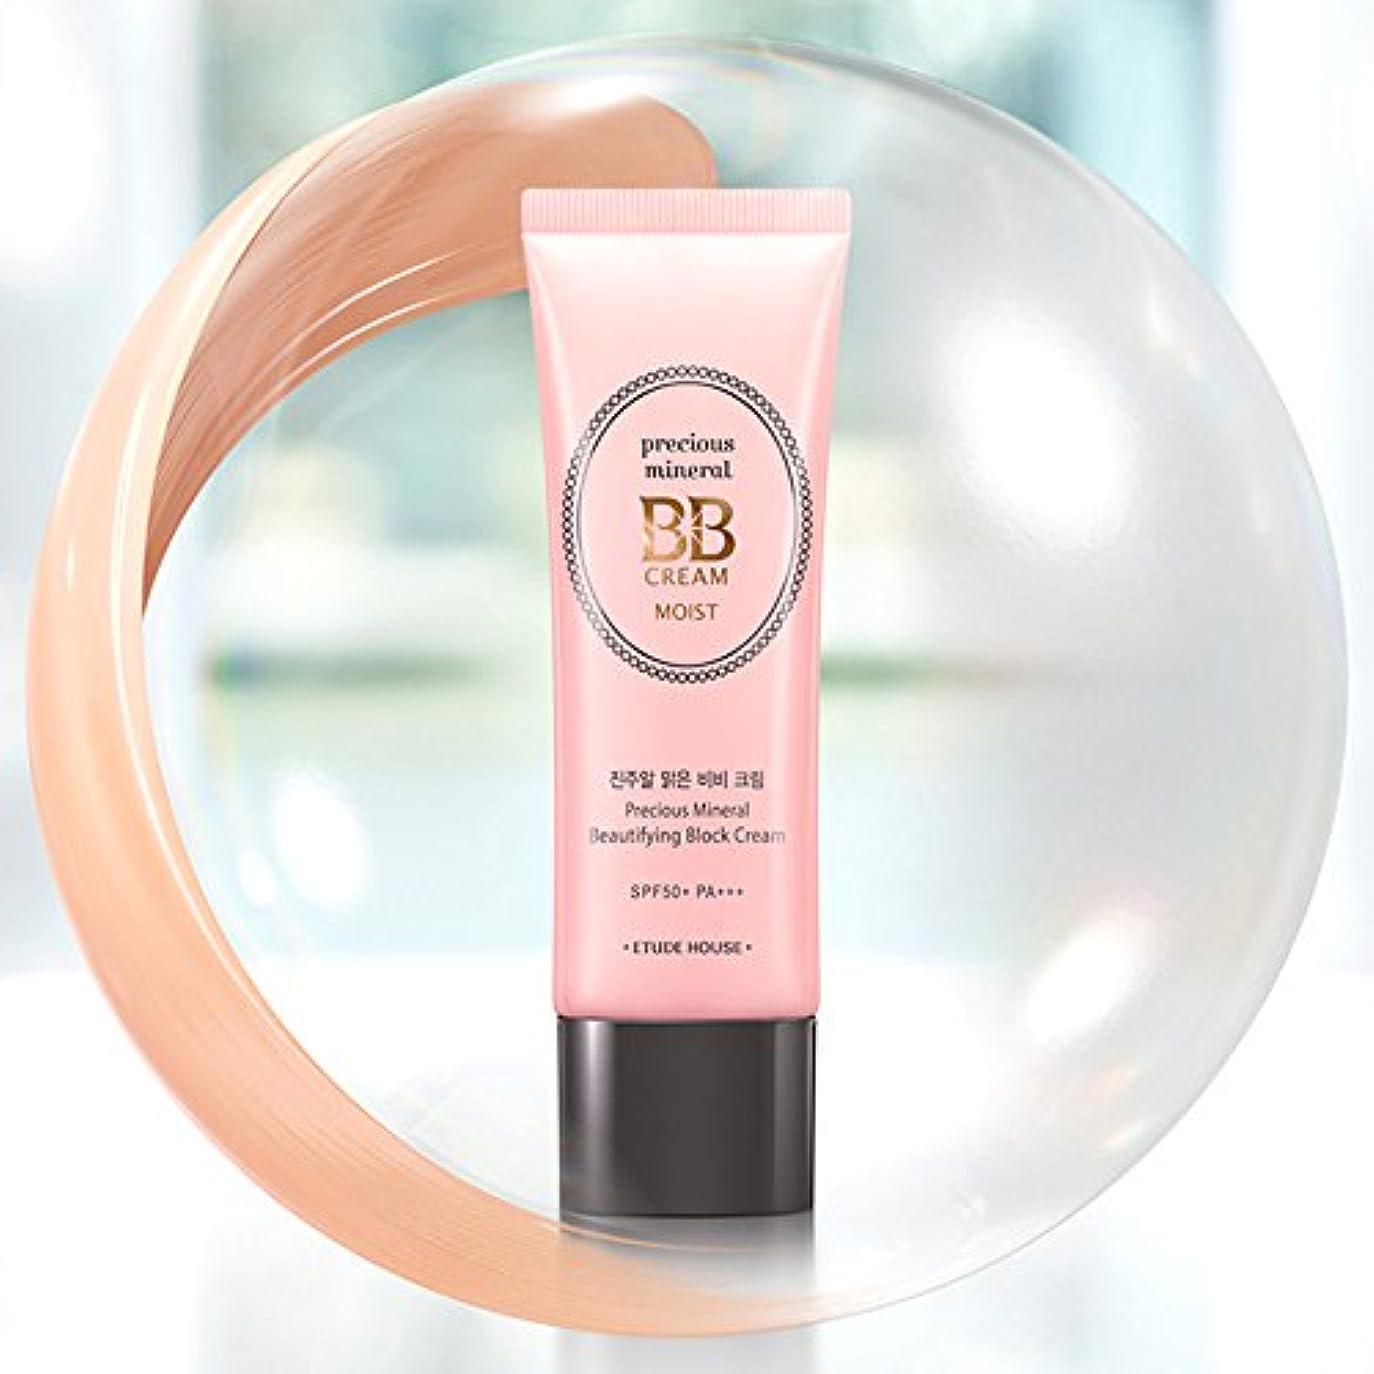 ますます不合格密度ETUDE HOUSE Precious Mineral BB Cream Moist [ Beige] SPF50+ PA+++ エチュードハウス プレシャスミネラルBBクリーム モイスト [ベージュ] SPF50 +...